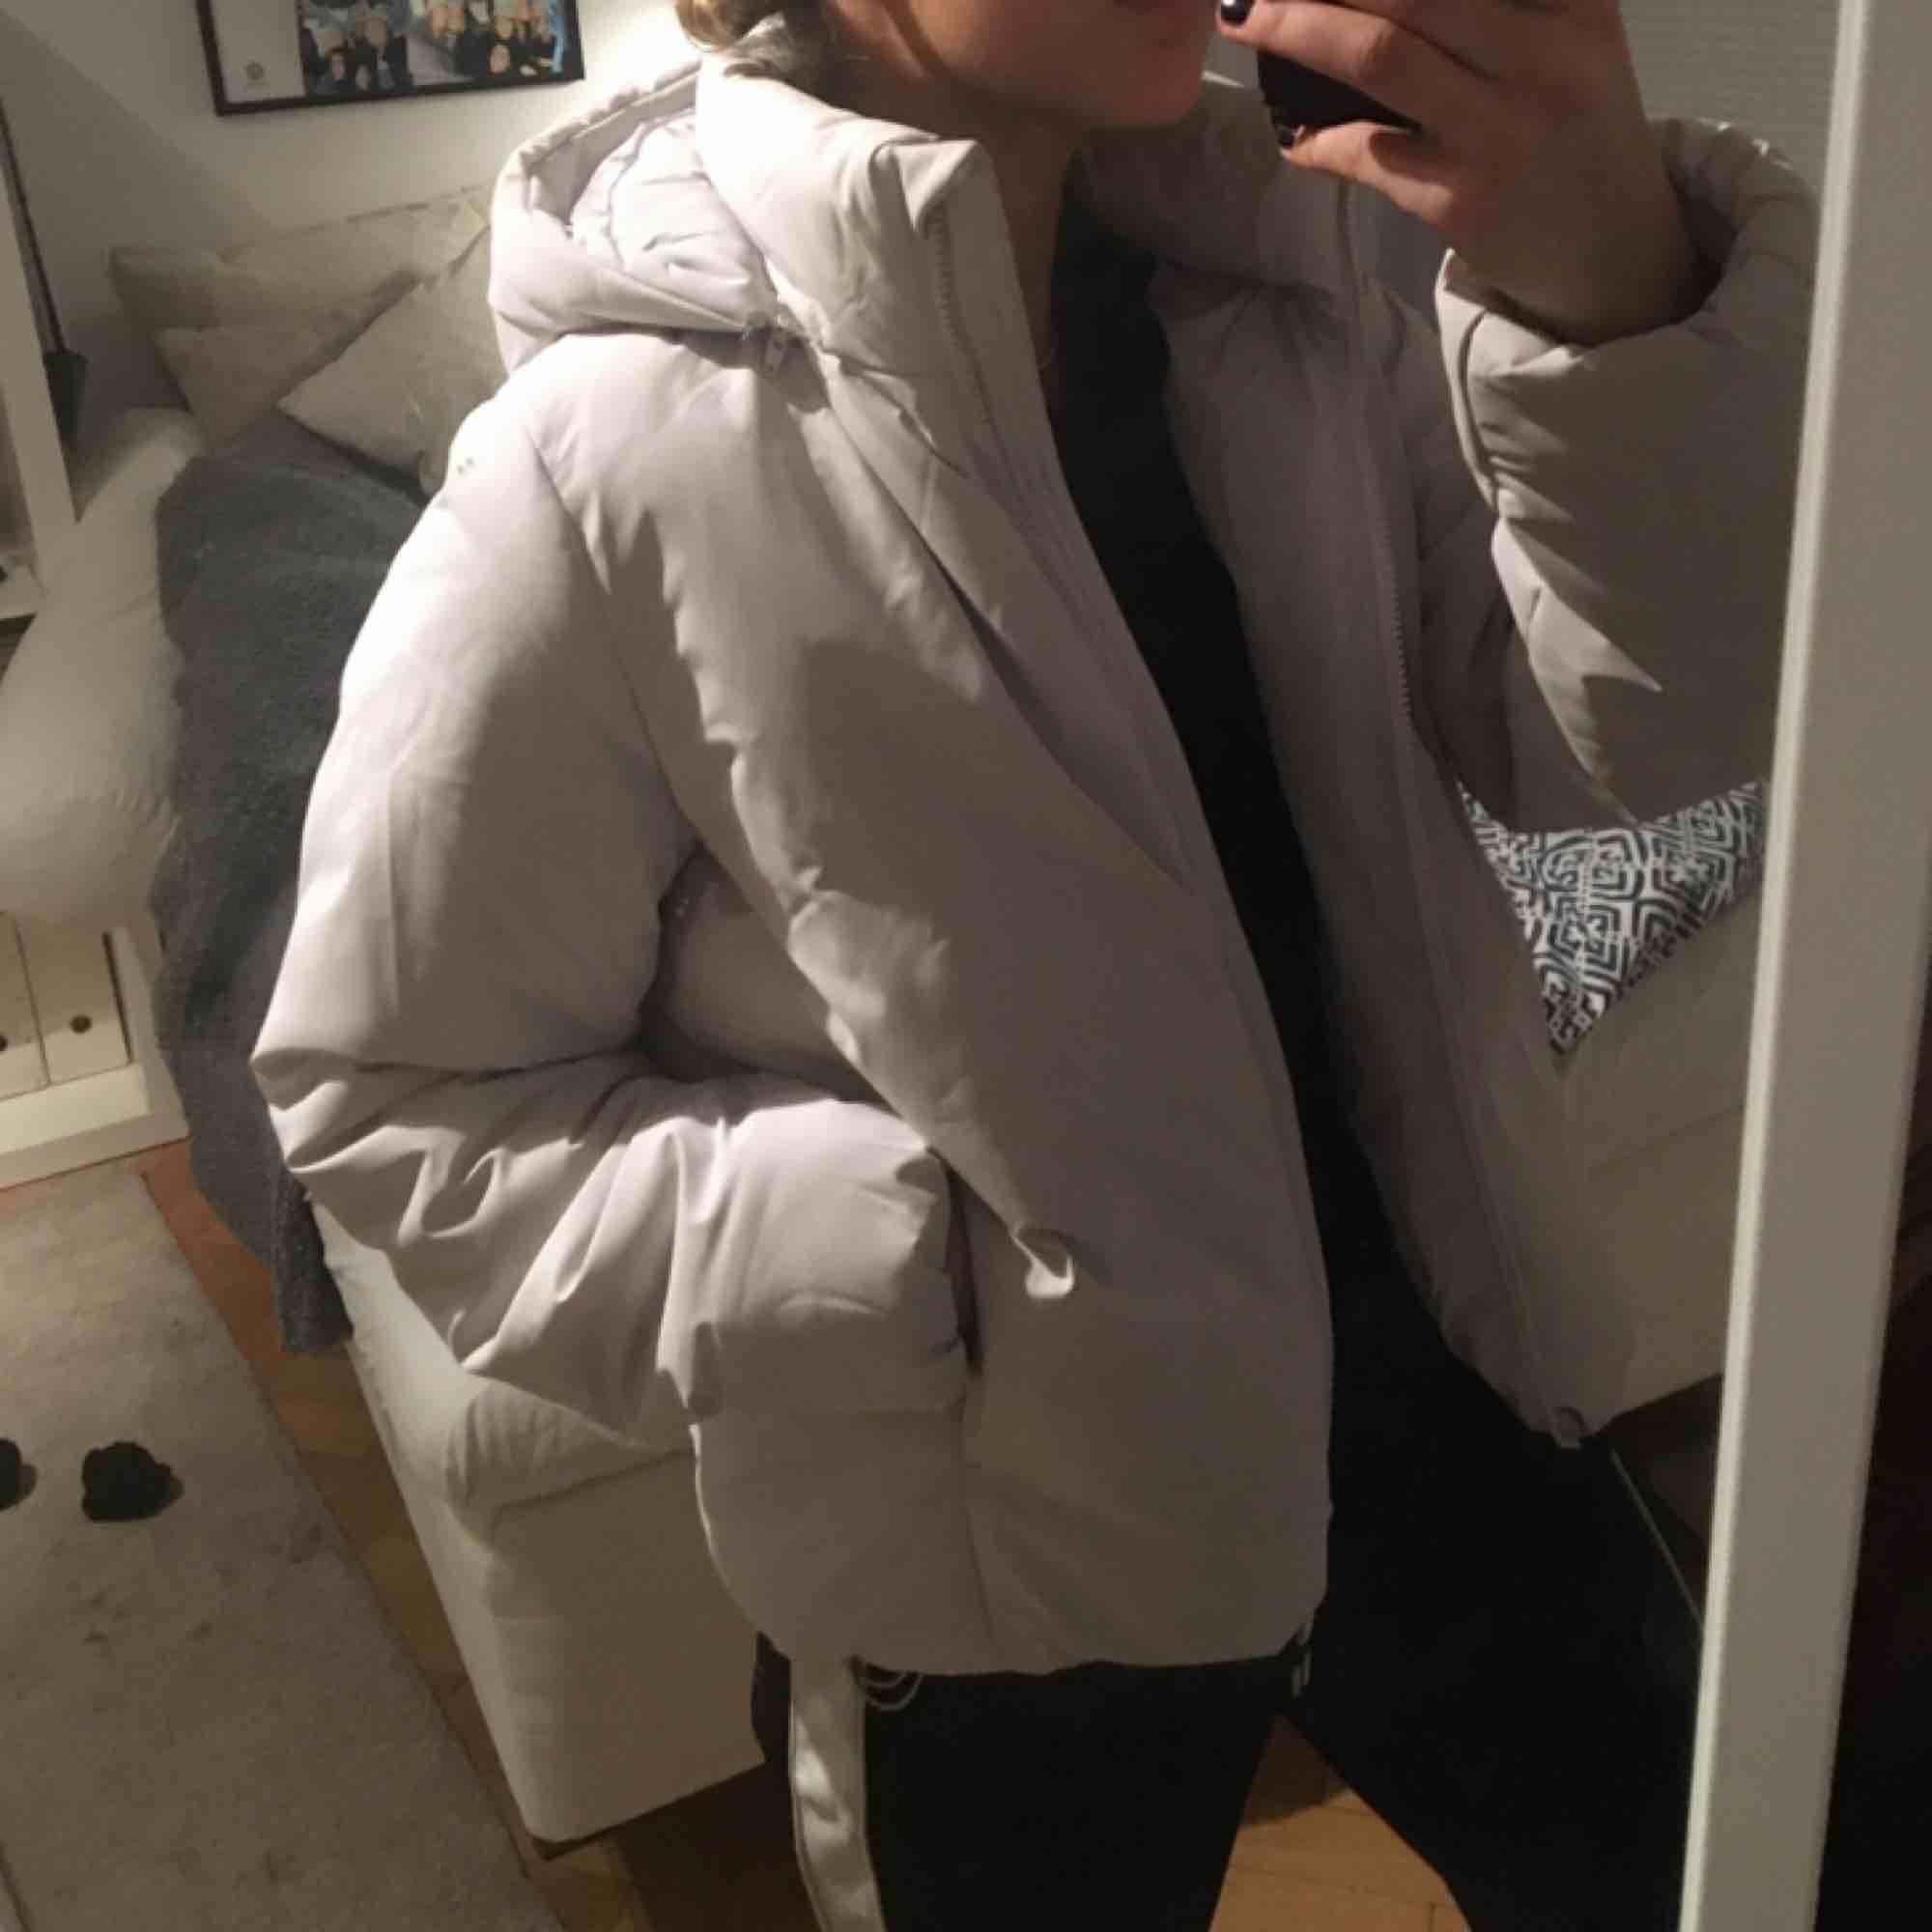 Som ny! Superfin ljusgrå jacka från UNIQLO. Köpt för 1300kr (påse & kvitto kvar) Inre och yttre fickor me mysigt foder i. Luvan är avtagningsbar, snygg både med och utan. Riktigt varm och 100% regnsäker. . Jackor.